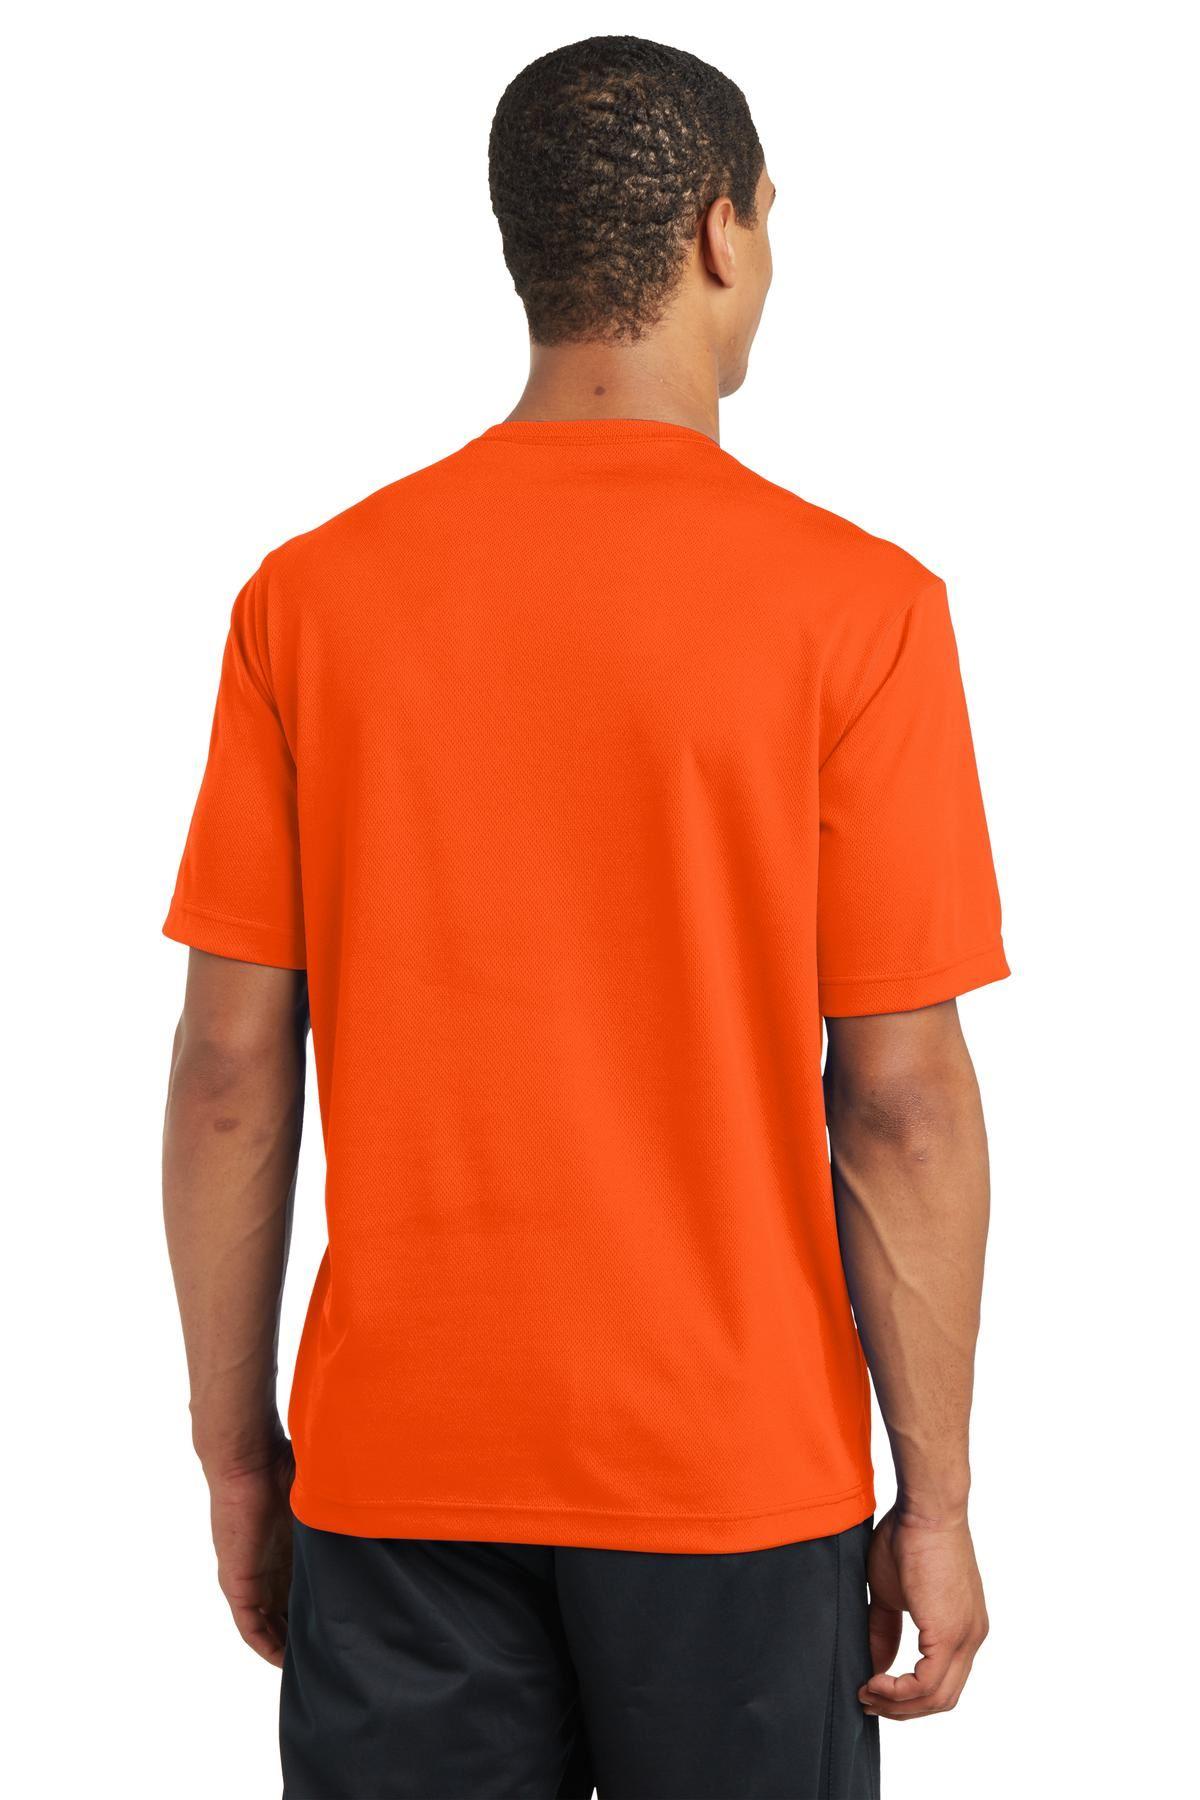 thumbnail 22 - Sport-Tek Men's Dry-Fit RacerMesh Moisture Wicking T-Shirt M-ST340